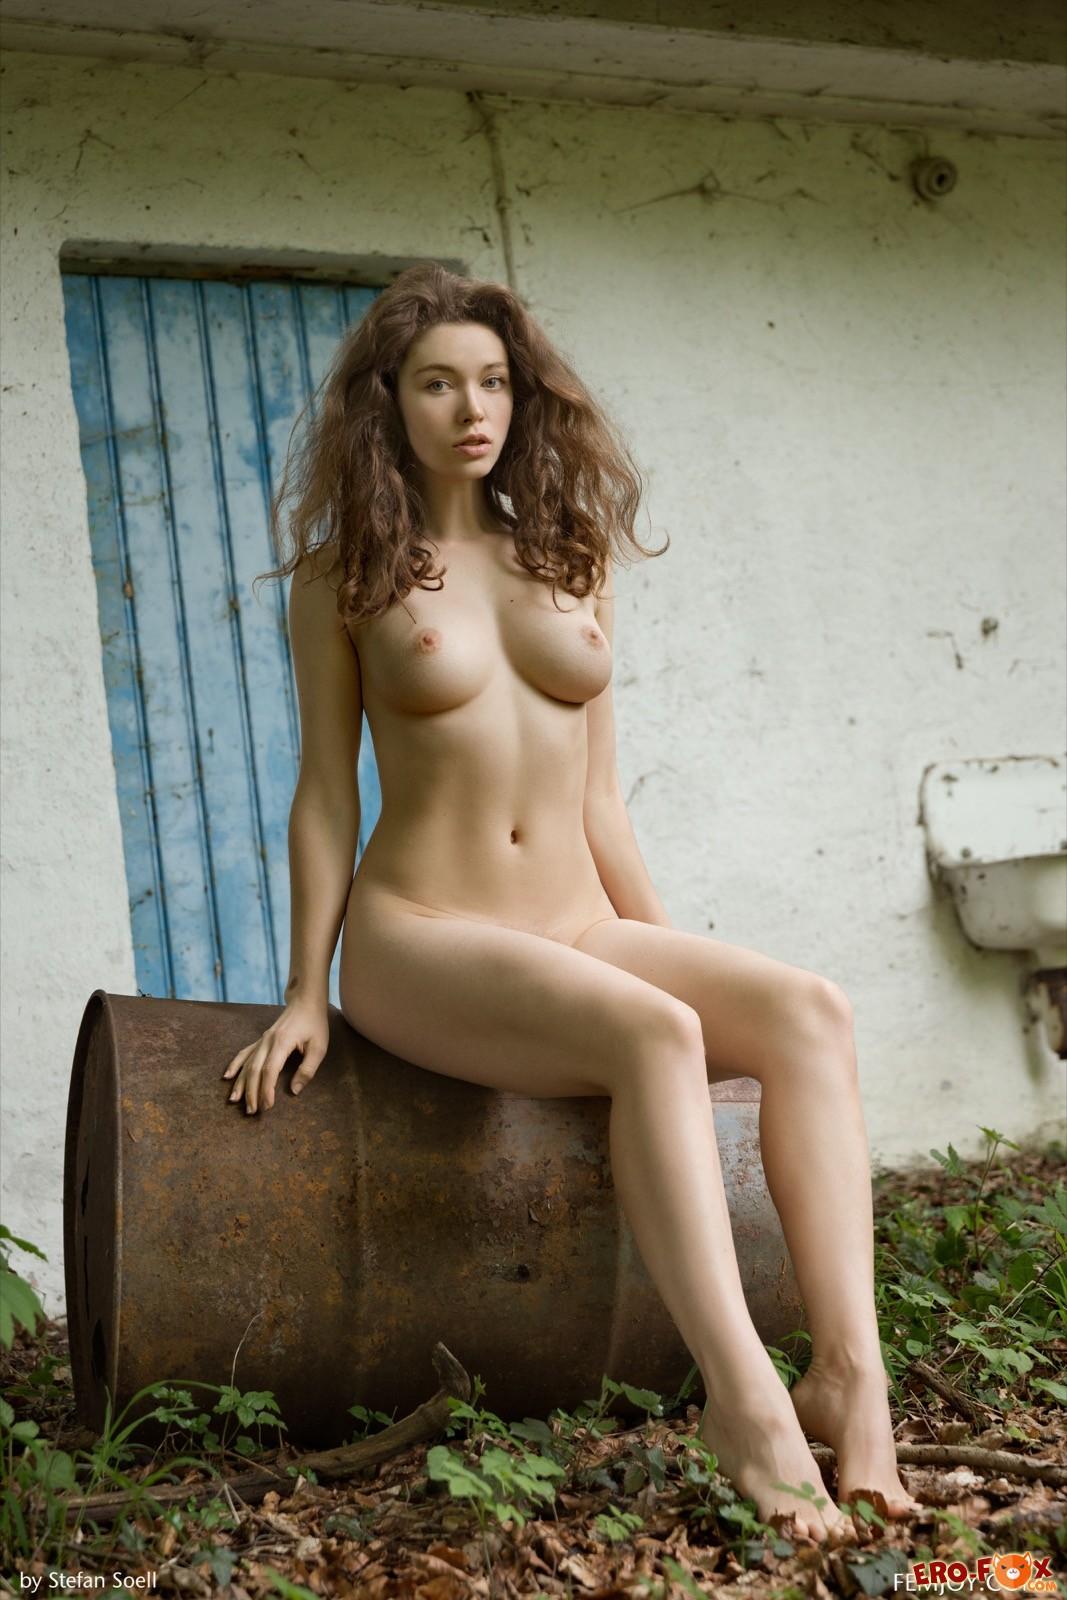 Голая девушка с идеальным телом в деревне